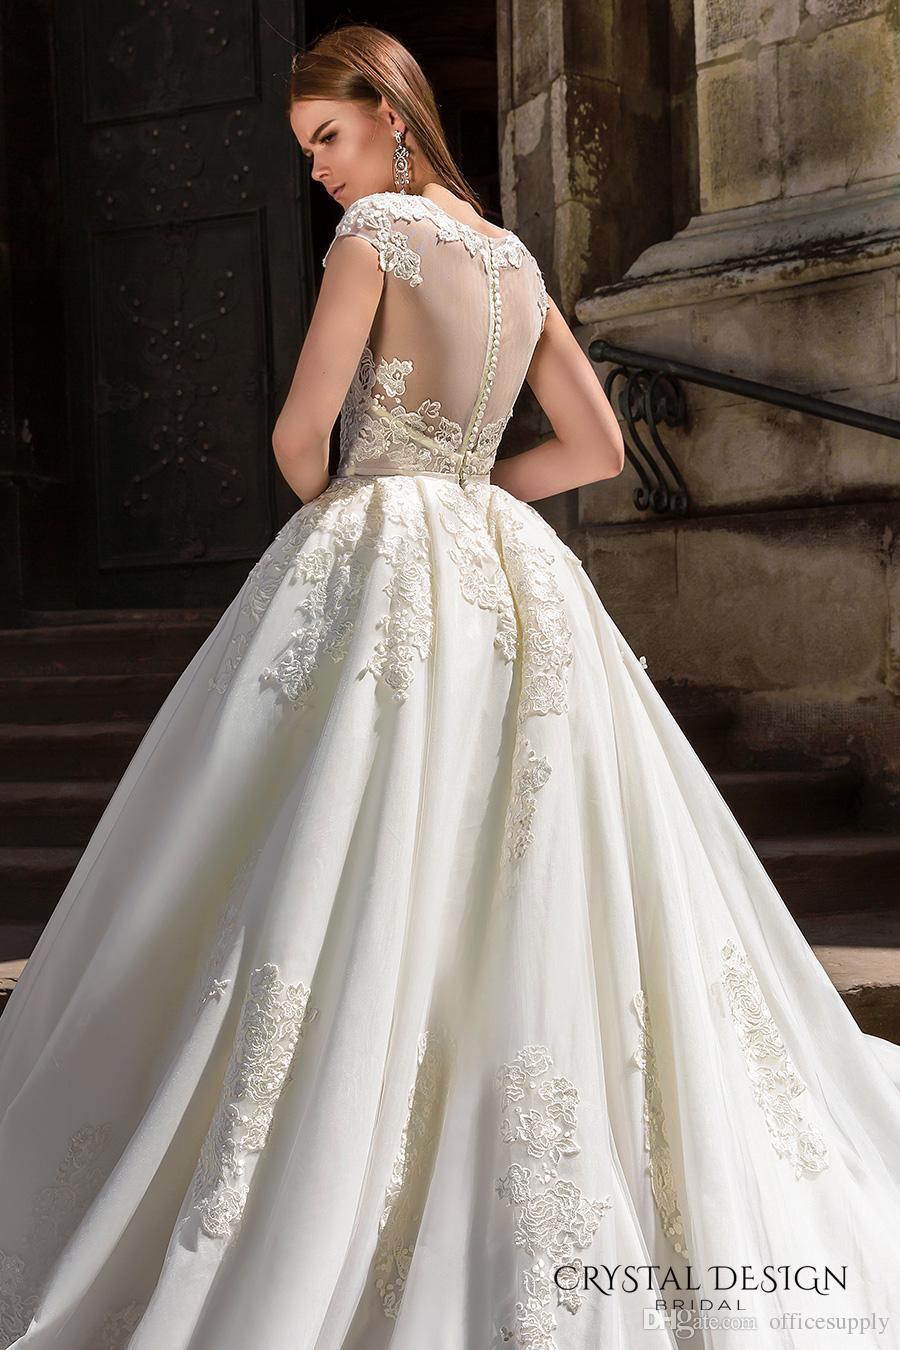 Vestidos De Noiva Свадебные платья класса люкс 2018 с короткими рукавами и кружевами из бисера Аппликация Соборное свадебное платье